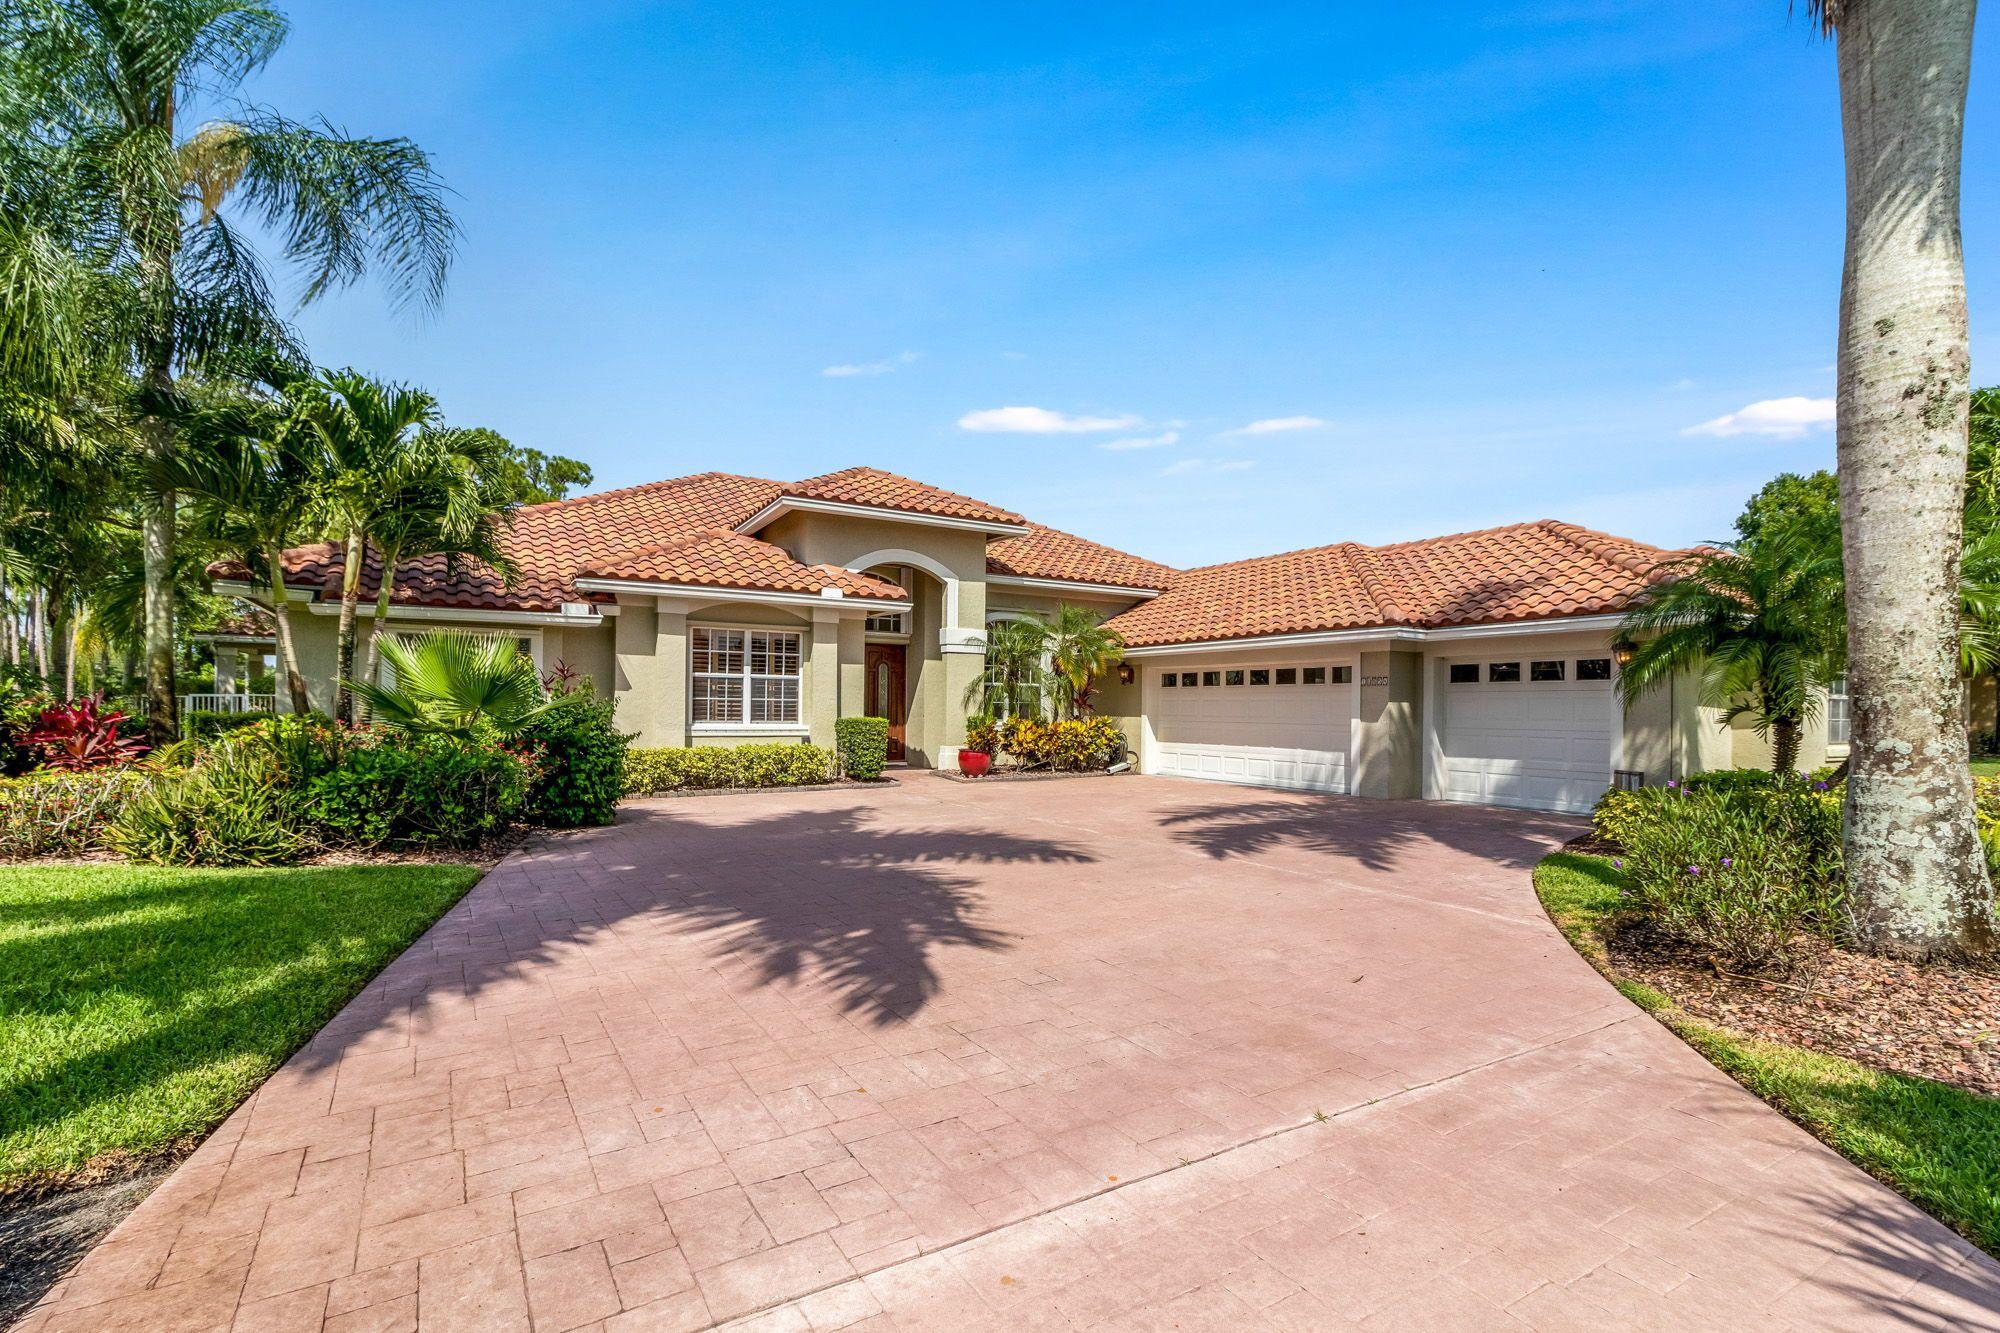 ce905e6703d5081f049ab2ff3e636385 - Real Estate Agents In Palm Beach Gardens Fl